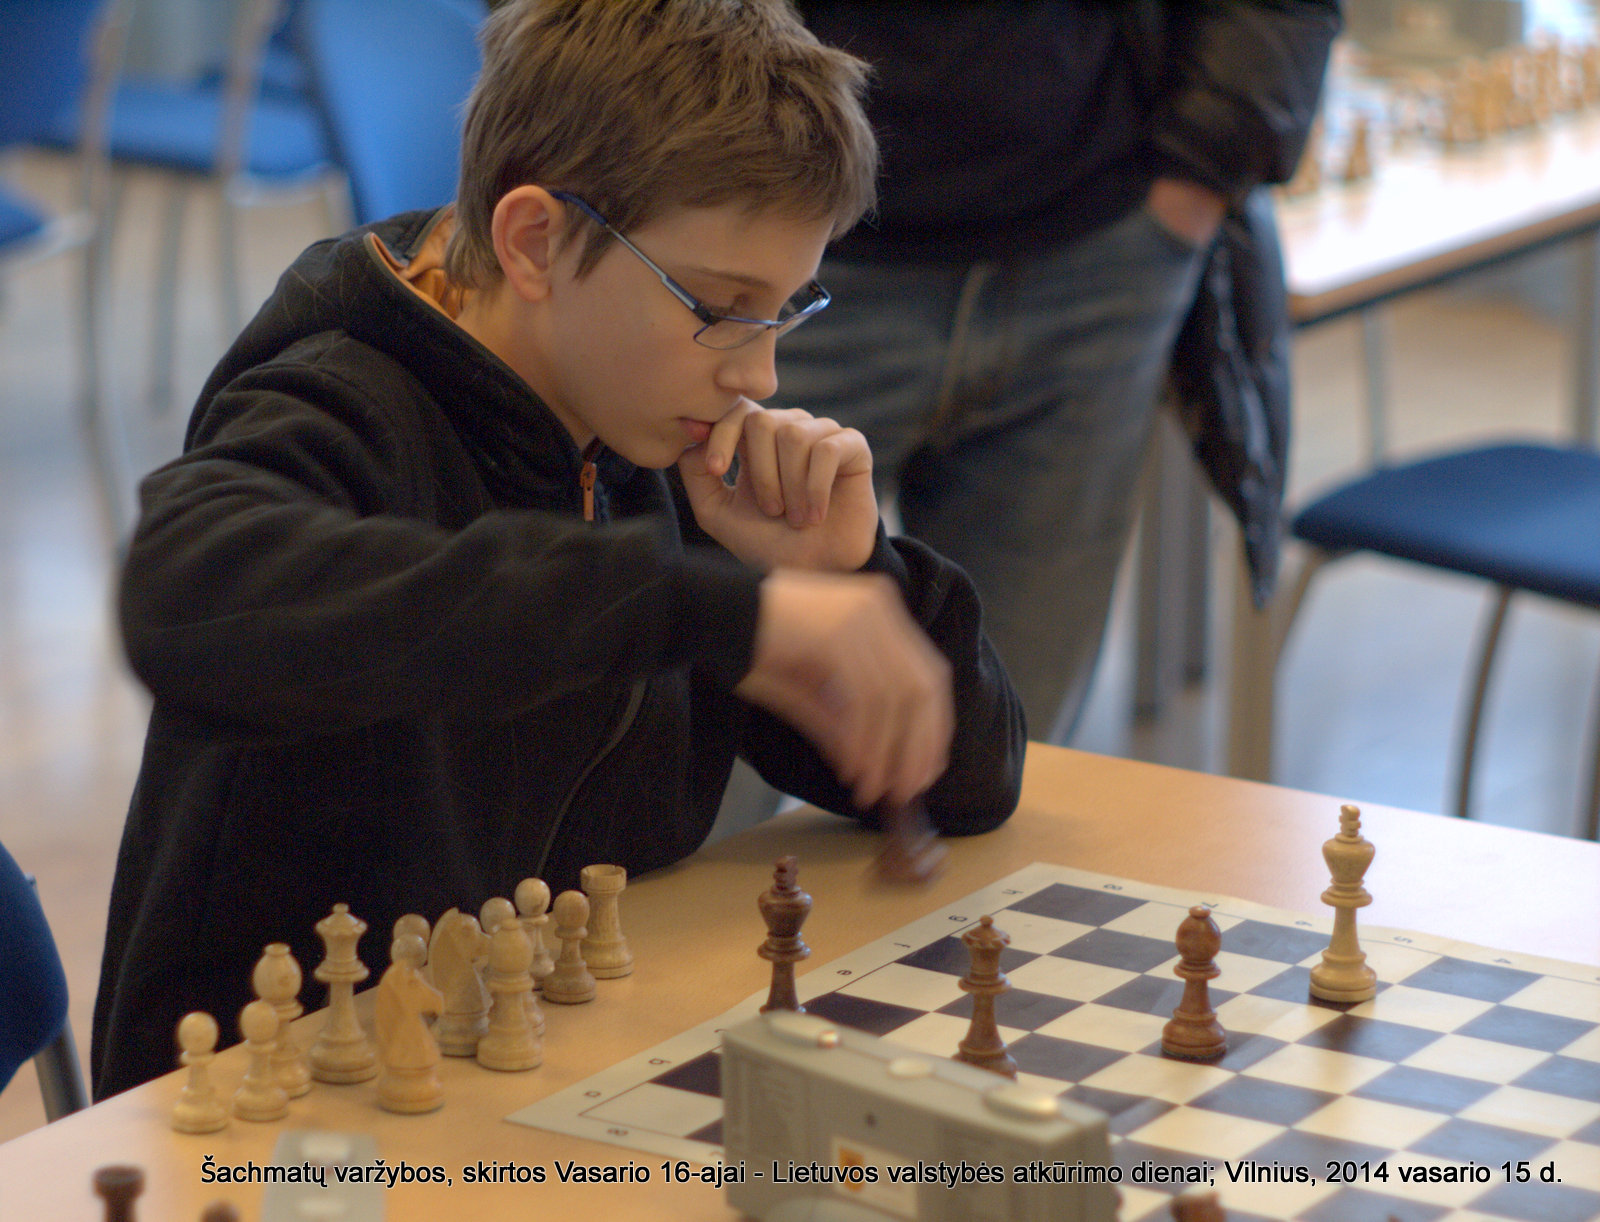 turnyras skirtas Vasario 16-ajai - Lietuvos valstybės atkūrimo dienai - paminėti; 2014-02-15, Vilnius